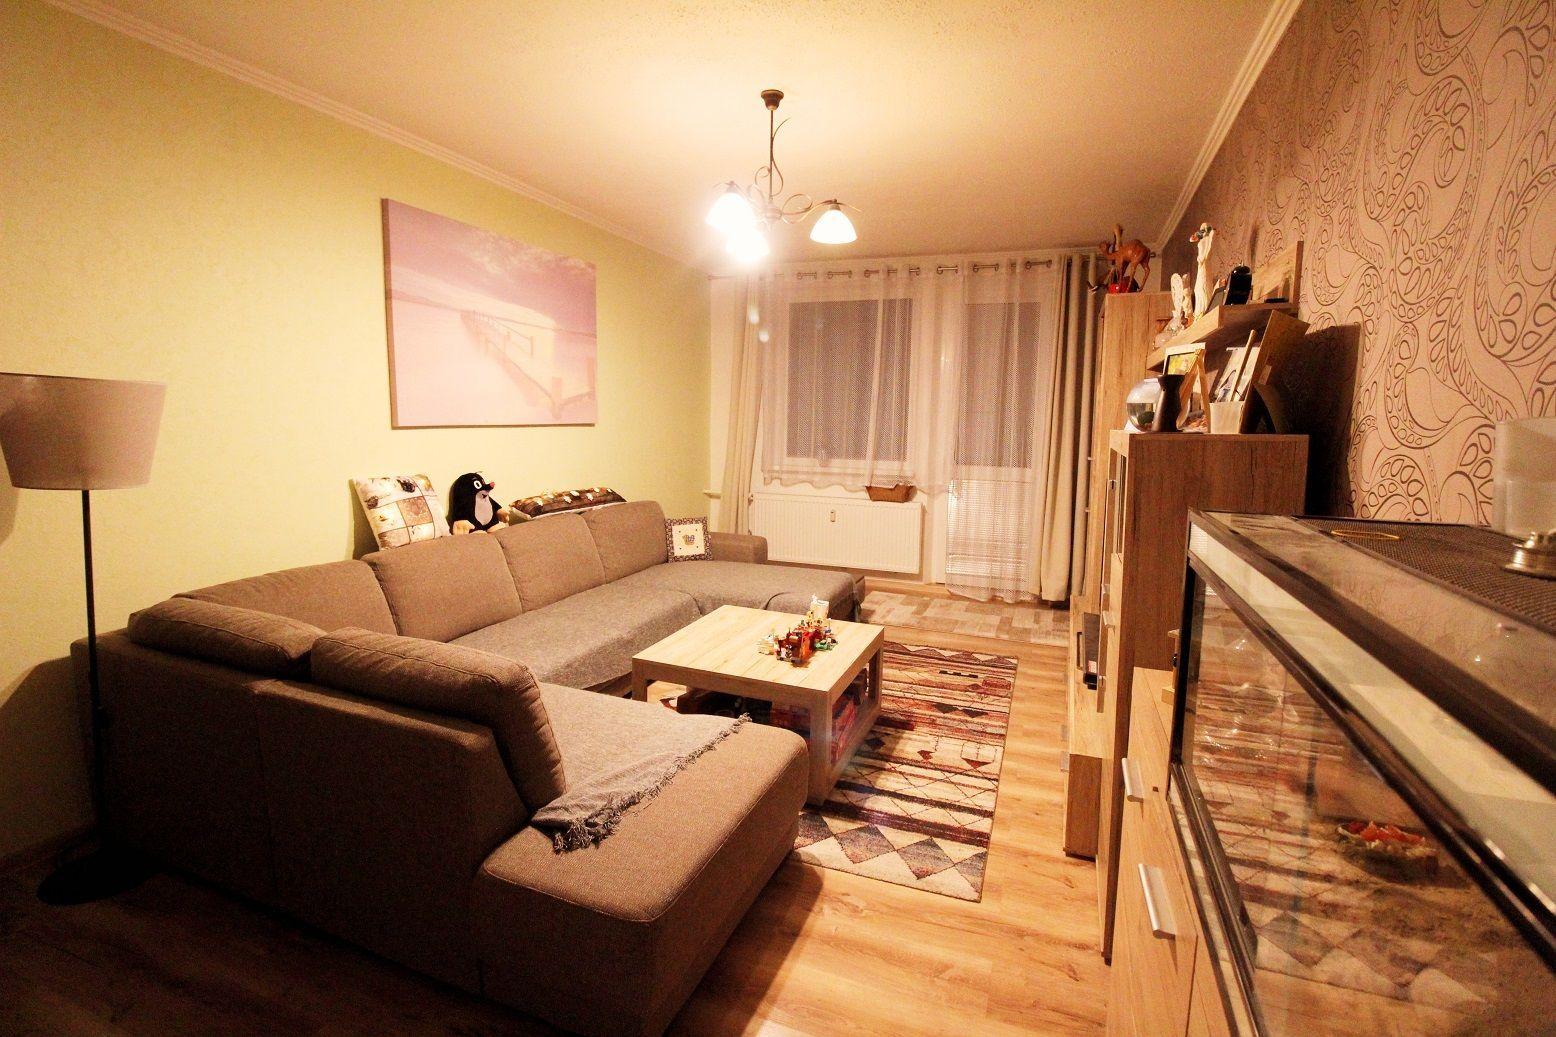 3-izbový byt-Predaj-Bratislava - m. č. Devínska Nová Ves-159500.00 €